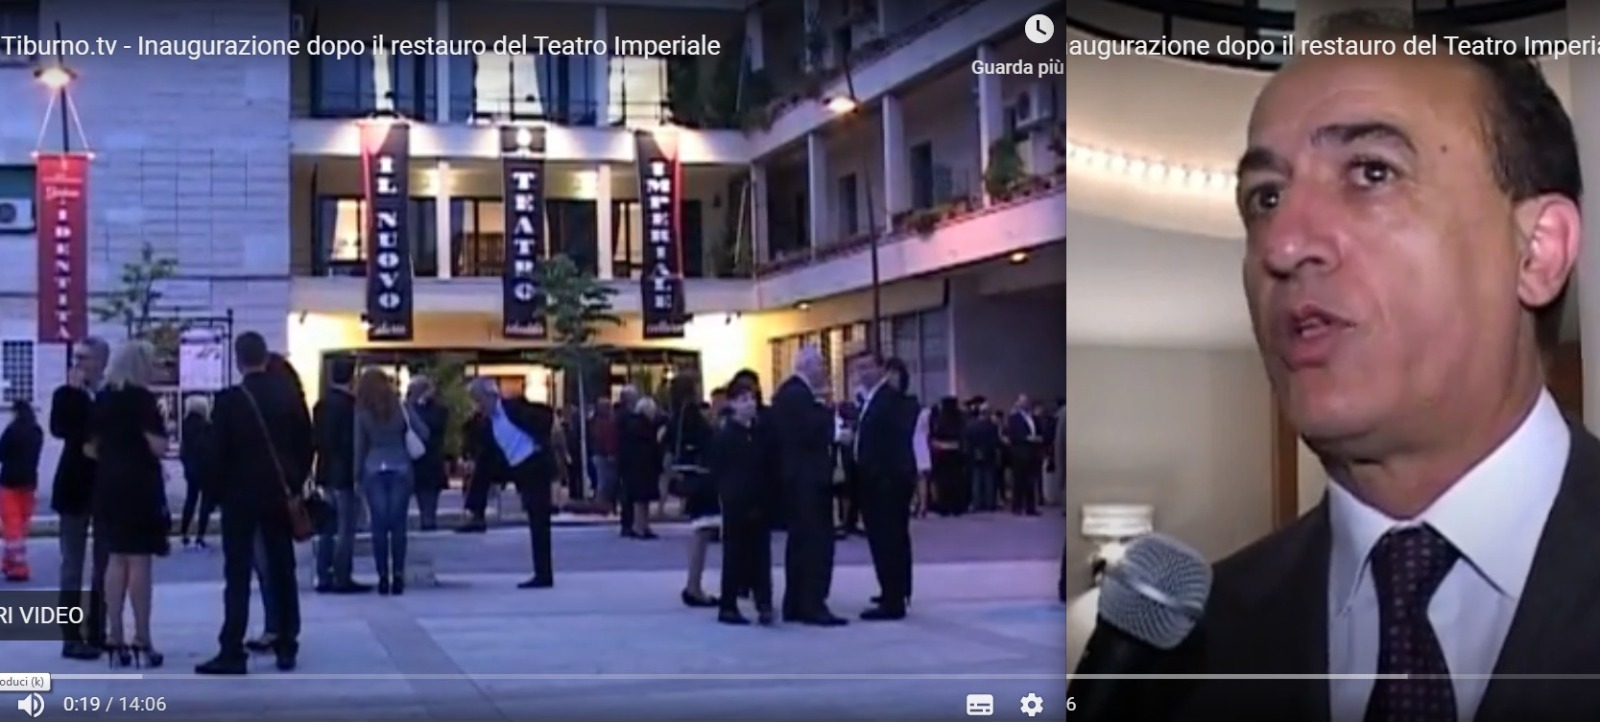 GUIDONIA - Teatro Imperiale restaurato, sette anni fa l'inaugurazione (VIDEO)